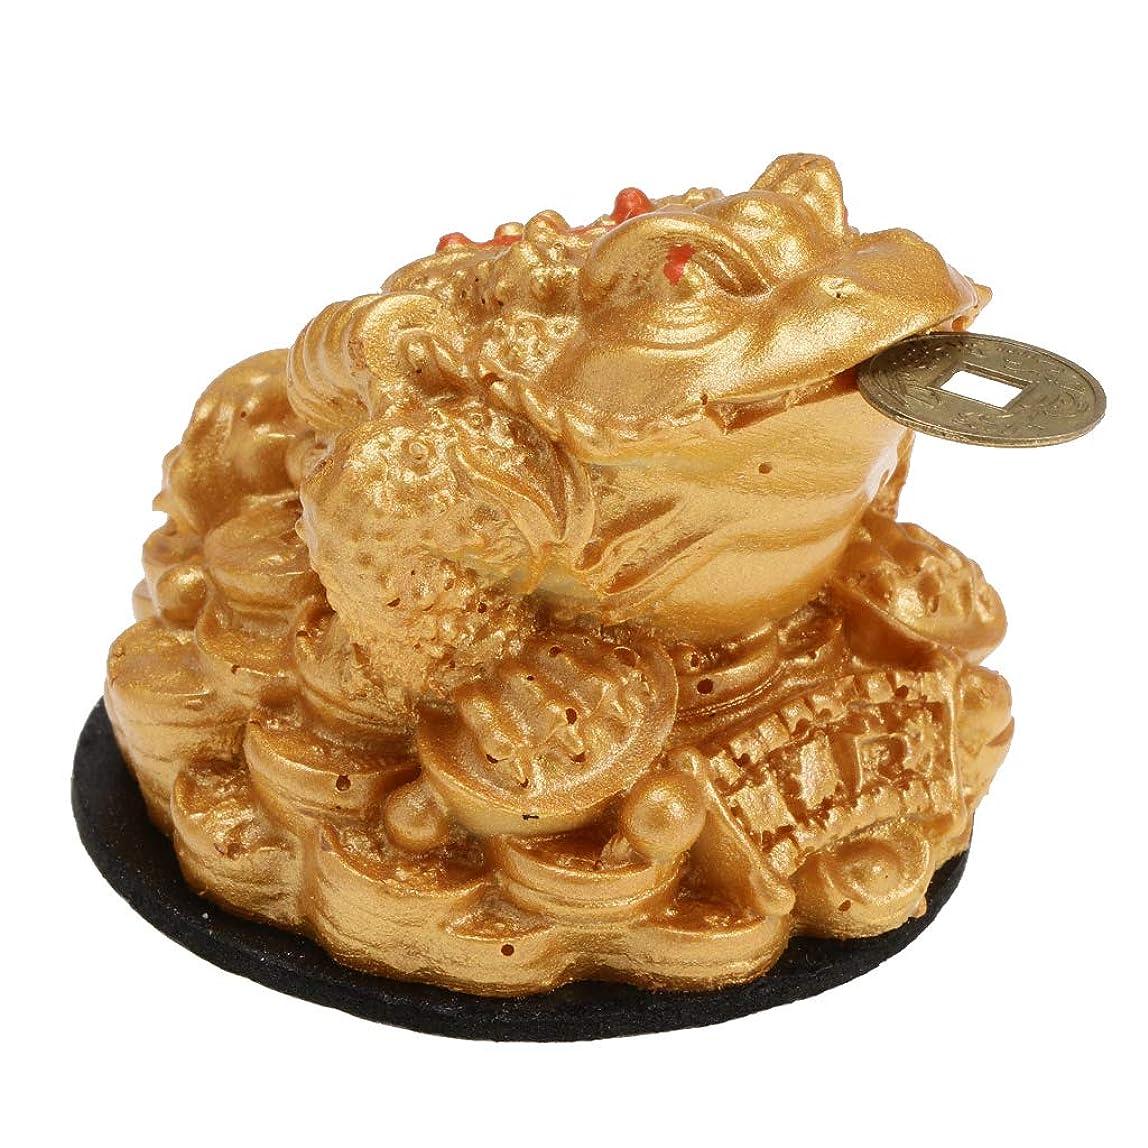 簿記係青手数料風水ヒキガエル 富のカエル コイン 装飾 幸運置物 中国風 工芸品 友達 ギフト